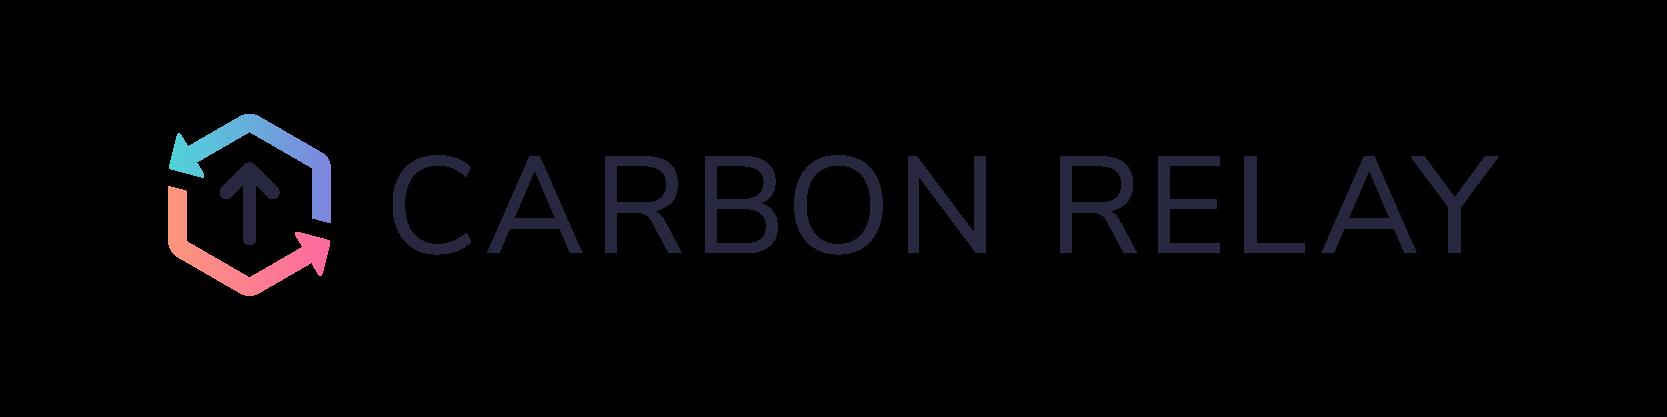 Carbon Relay logo